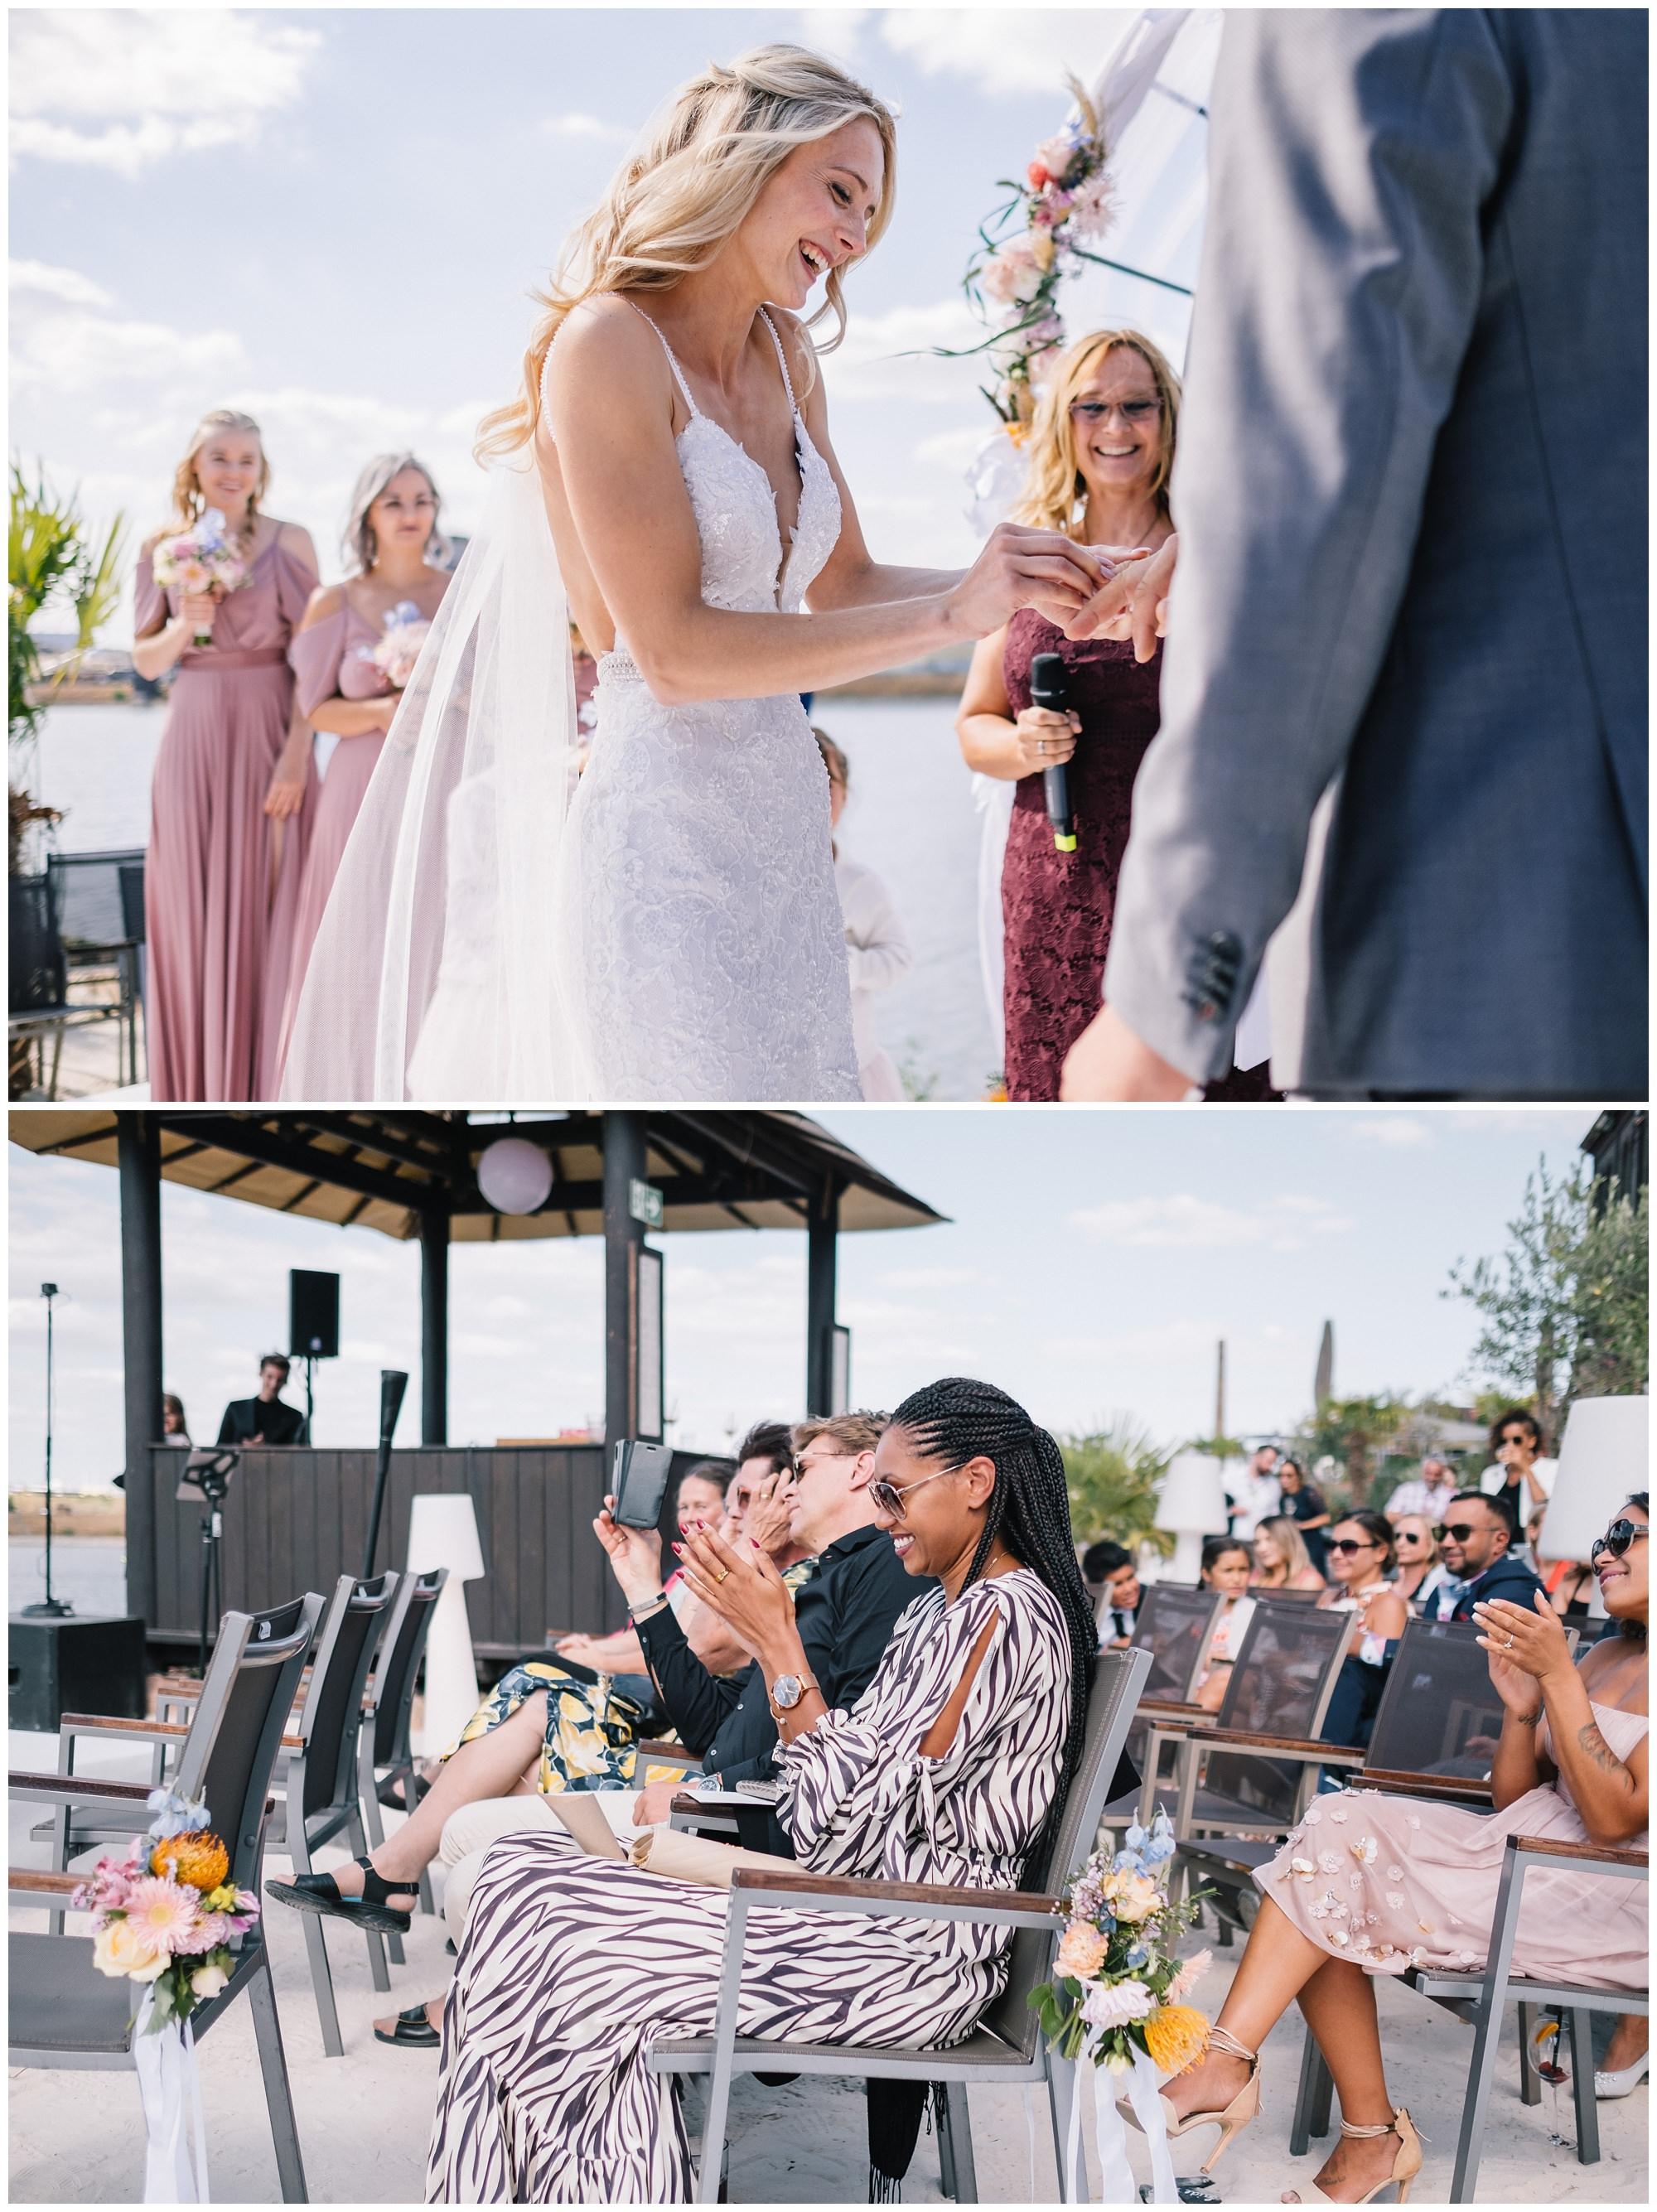 Hochzeit-Manufaktur-Mannheim-Wiegelmann-50_web.jpg